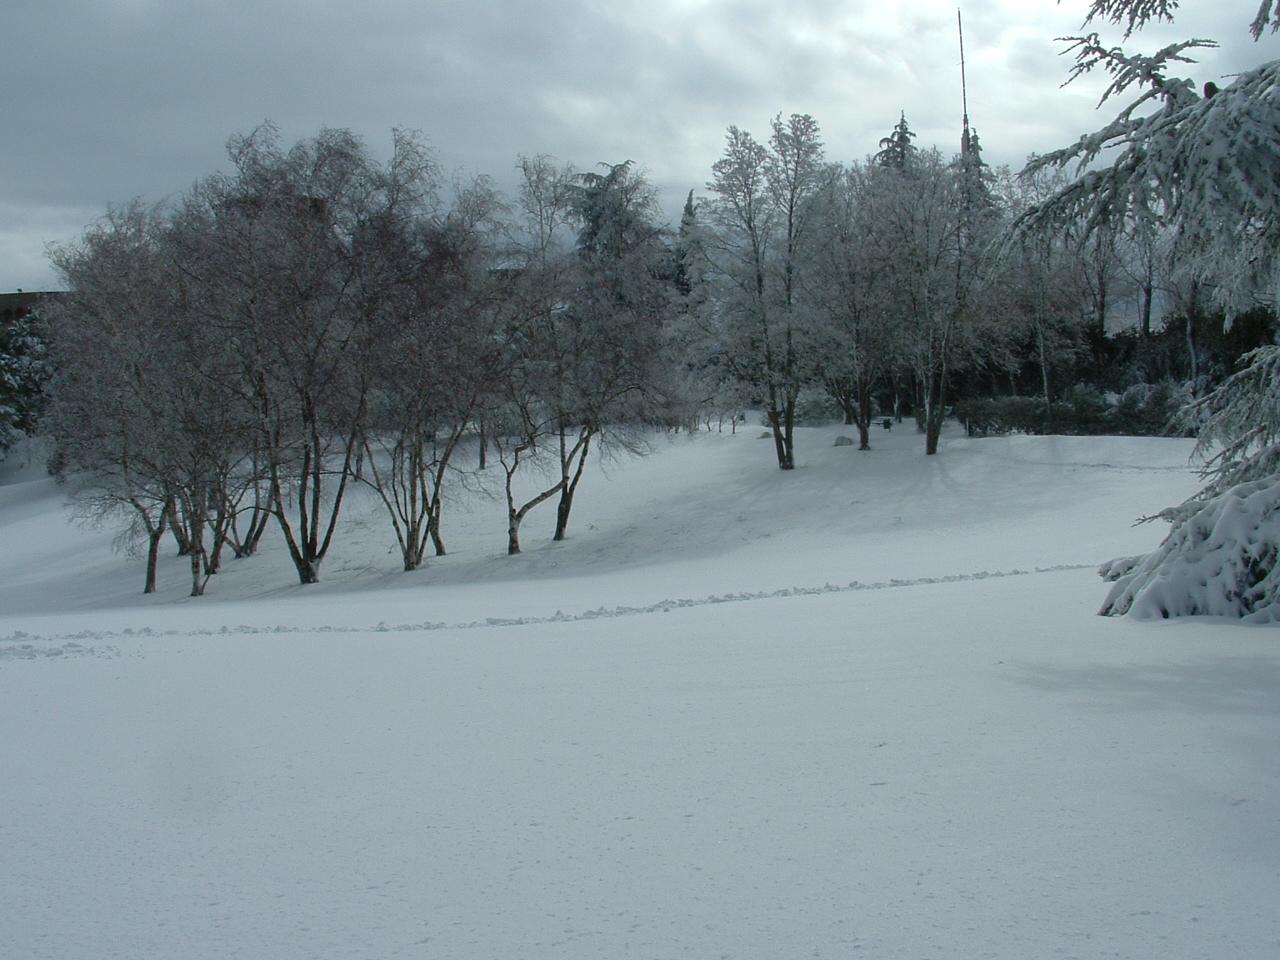 Volterra fotoreportage neve 9/10 marzo 2010..l'apoteosi nevosa!!-foto-mattina-volterra-10-marzo-2010-2-1-.jpg